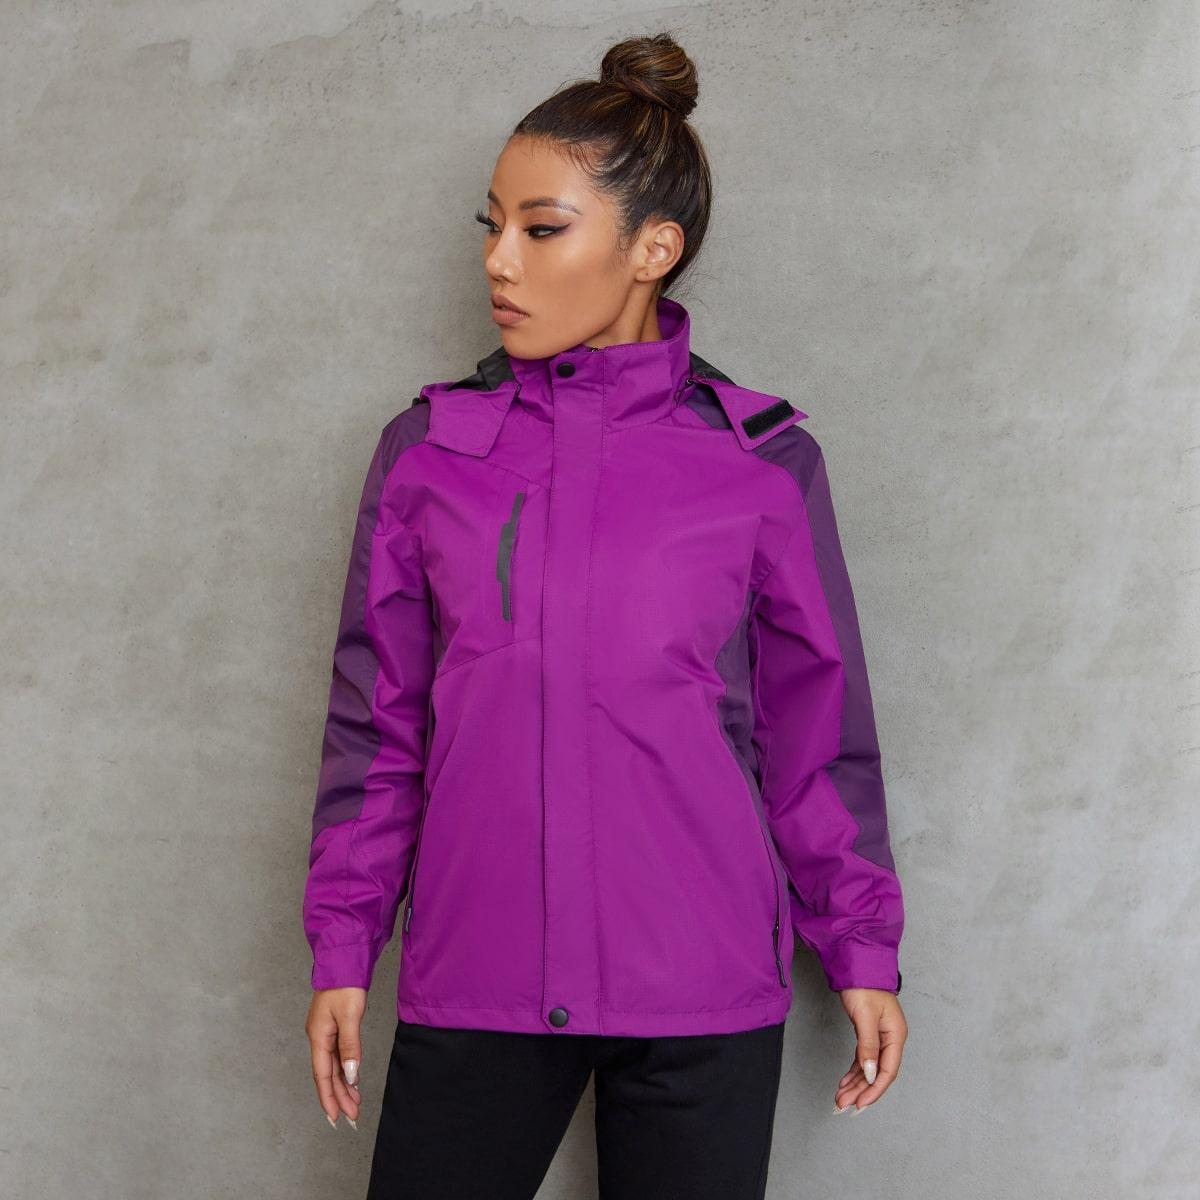 Контрастный цвет Спортивные куртки